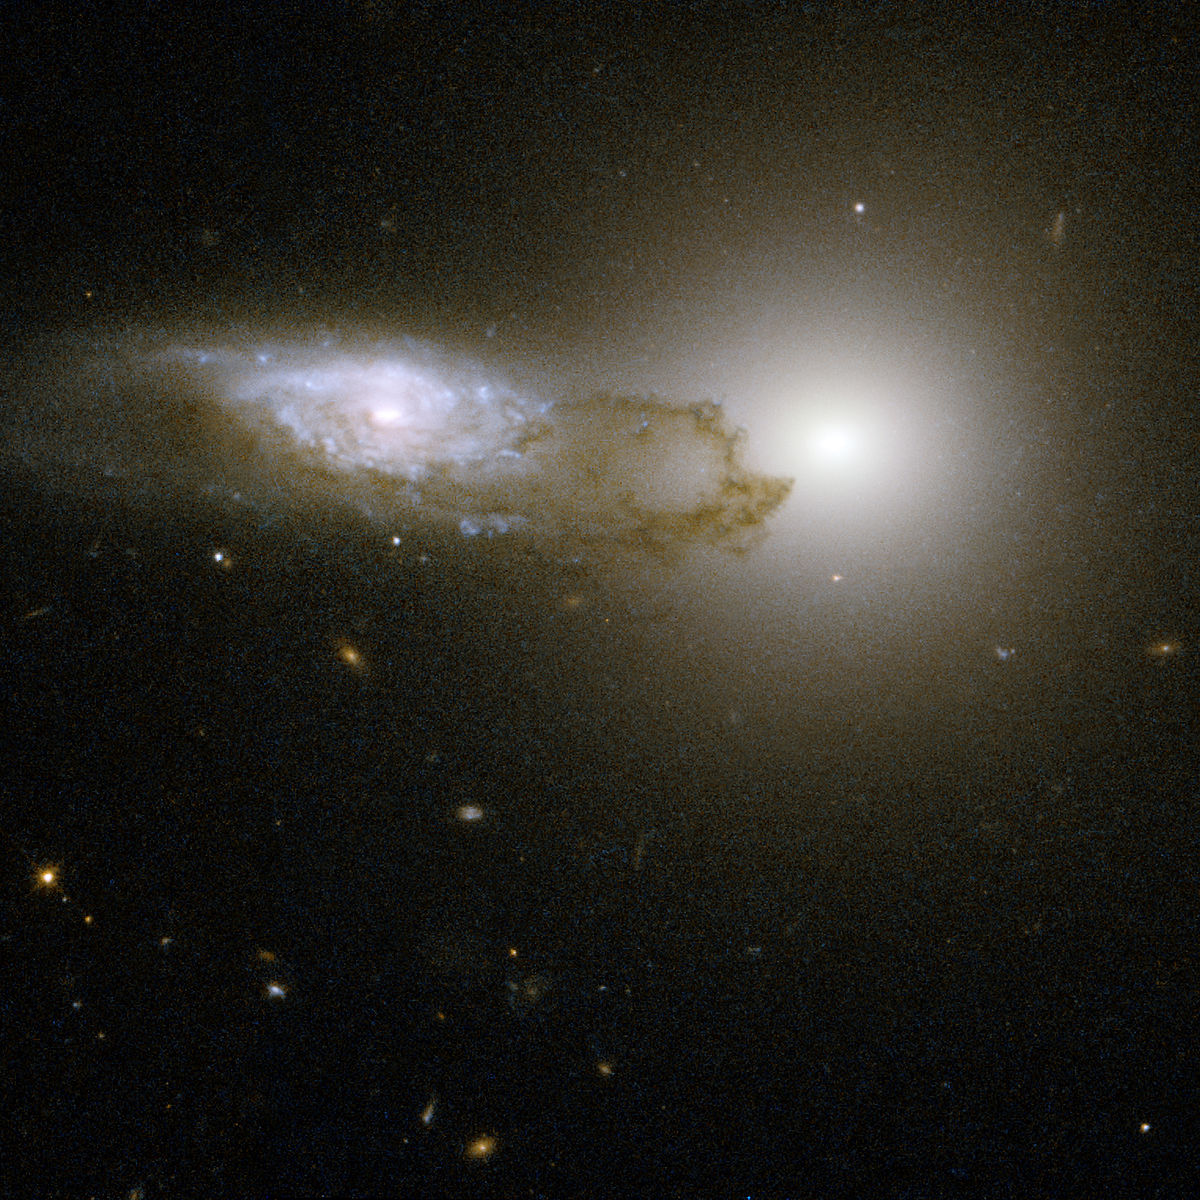 фото всех галактик с телескопа хаббл склеиваем части